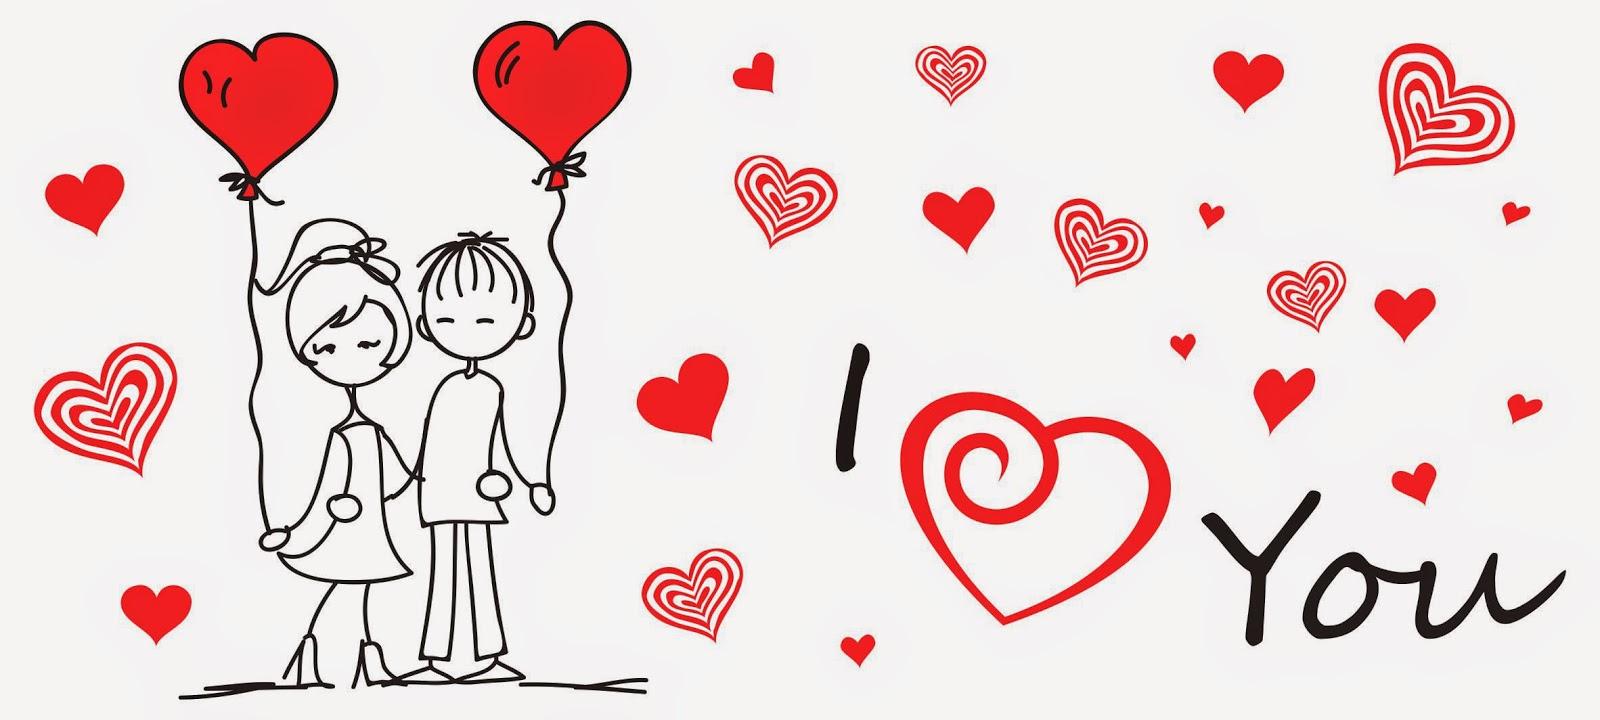 Série De Mensagens E Jantar De: O Que Oferecer No Dia Dos Namorados?